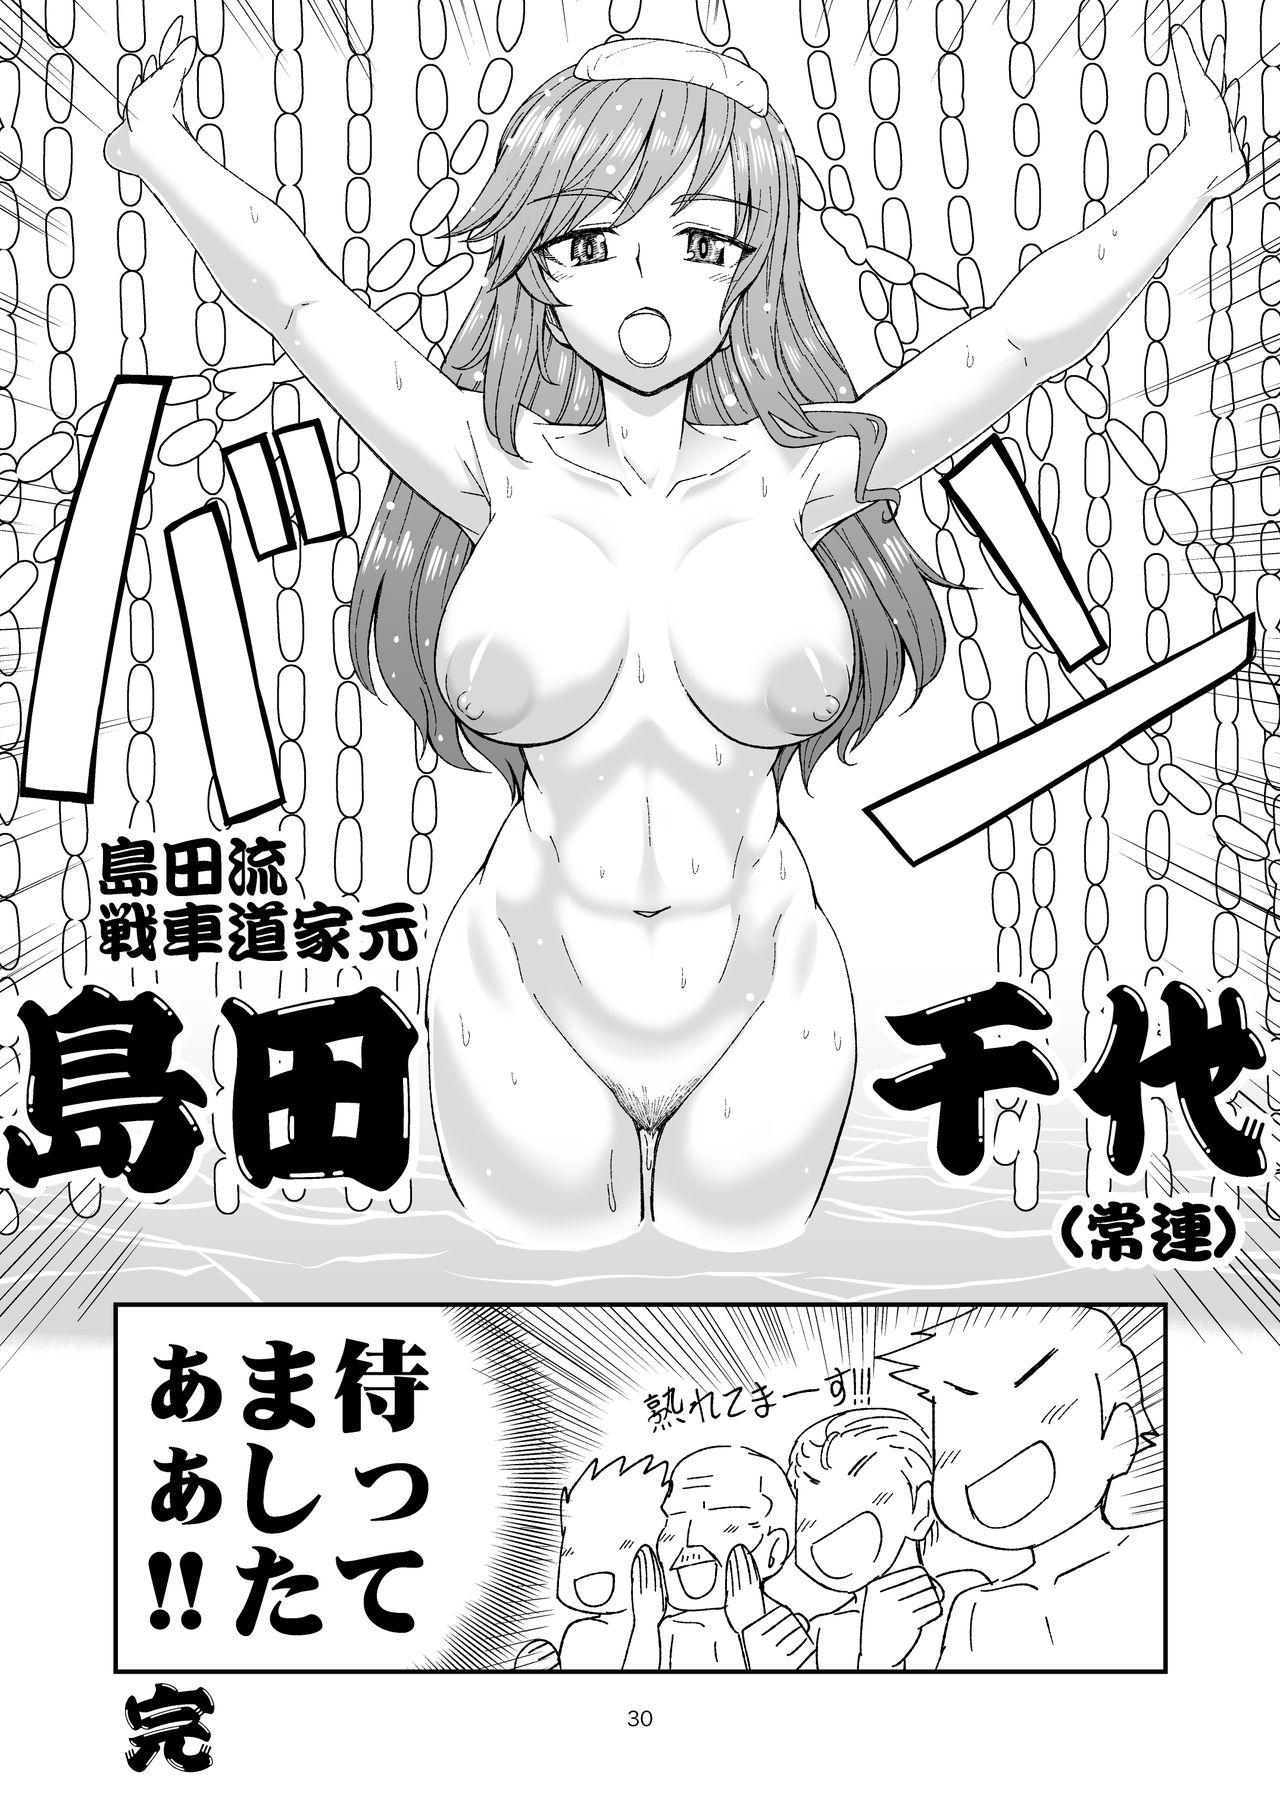 実録!!愛里寿ちゃんが間違えて混浴に入ってきちゃったはなし 29